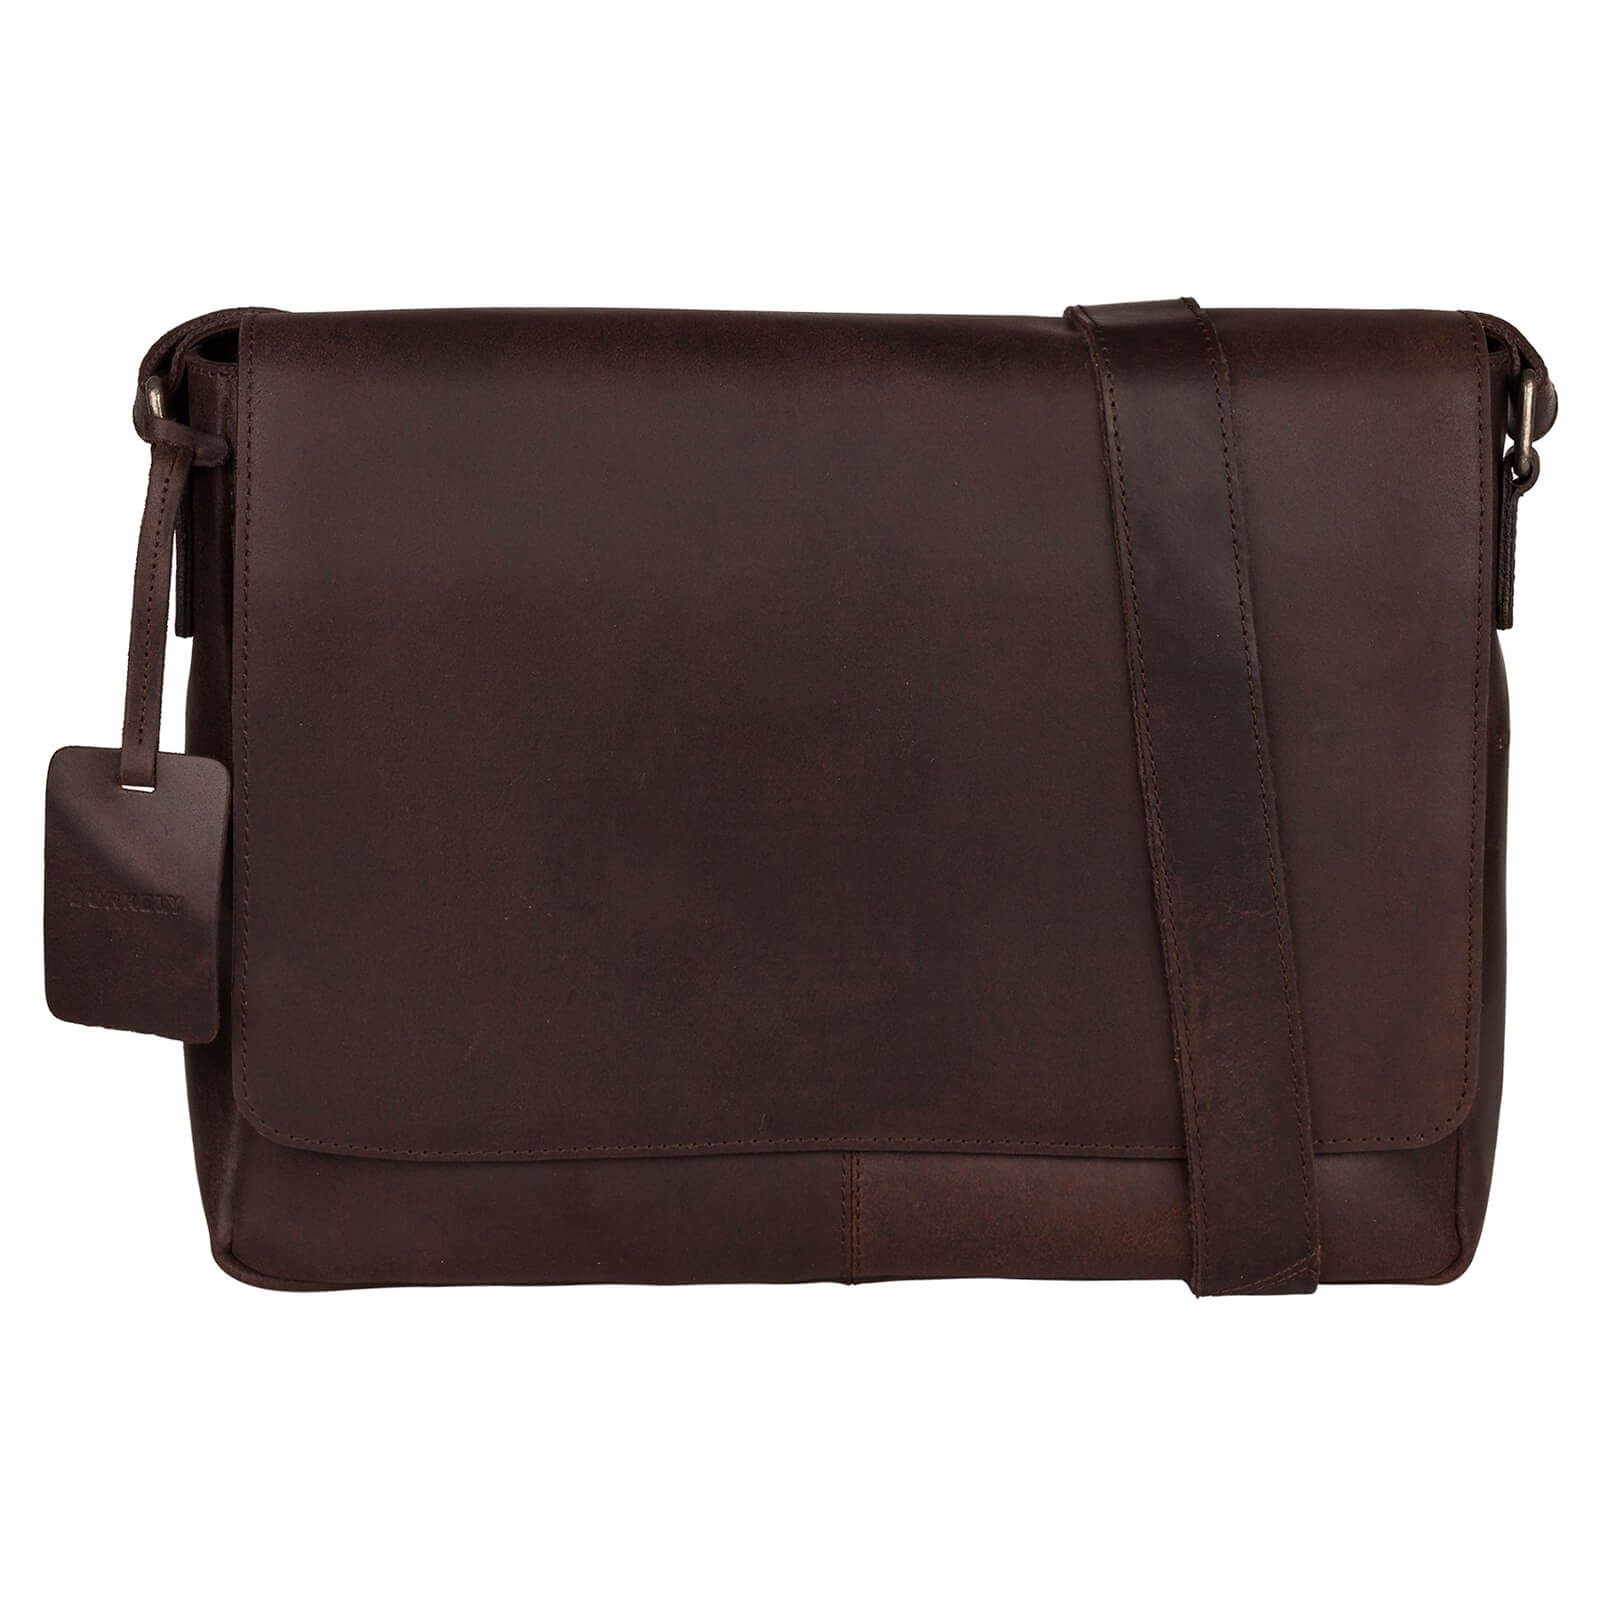 Pánska kožená taška cez rameno Burkely Juul - tmavo hnedá